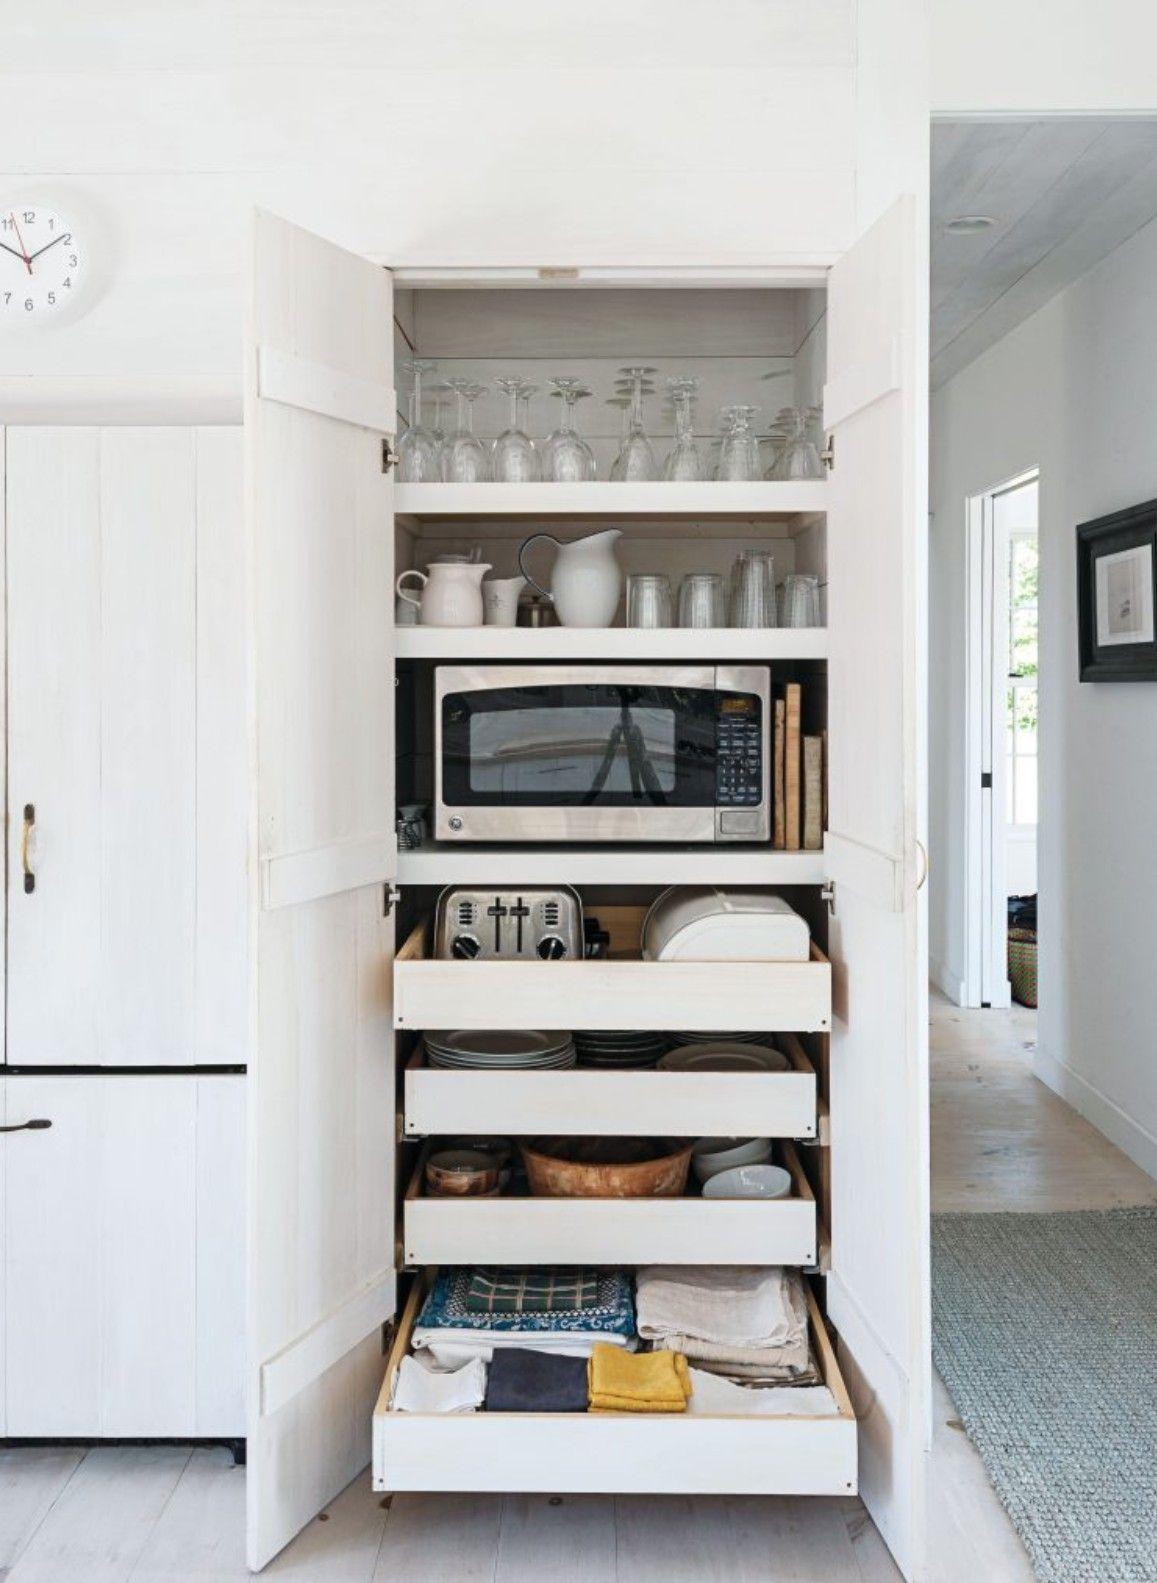 Kitchen storage | Kitchen Design | Pinterest | Kitchens, Storage and ...